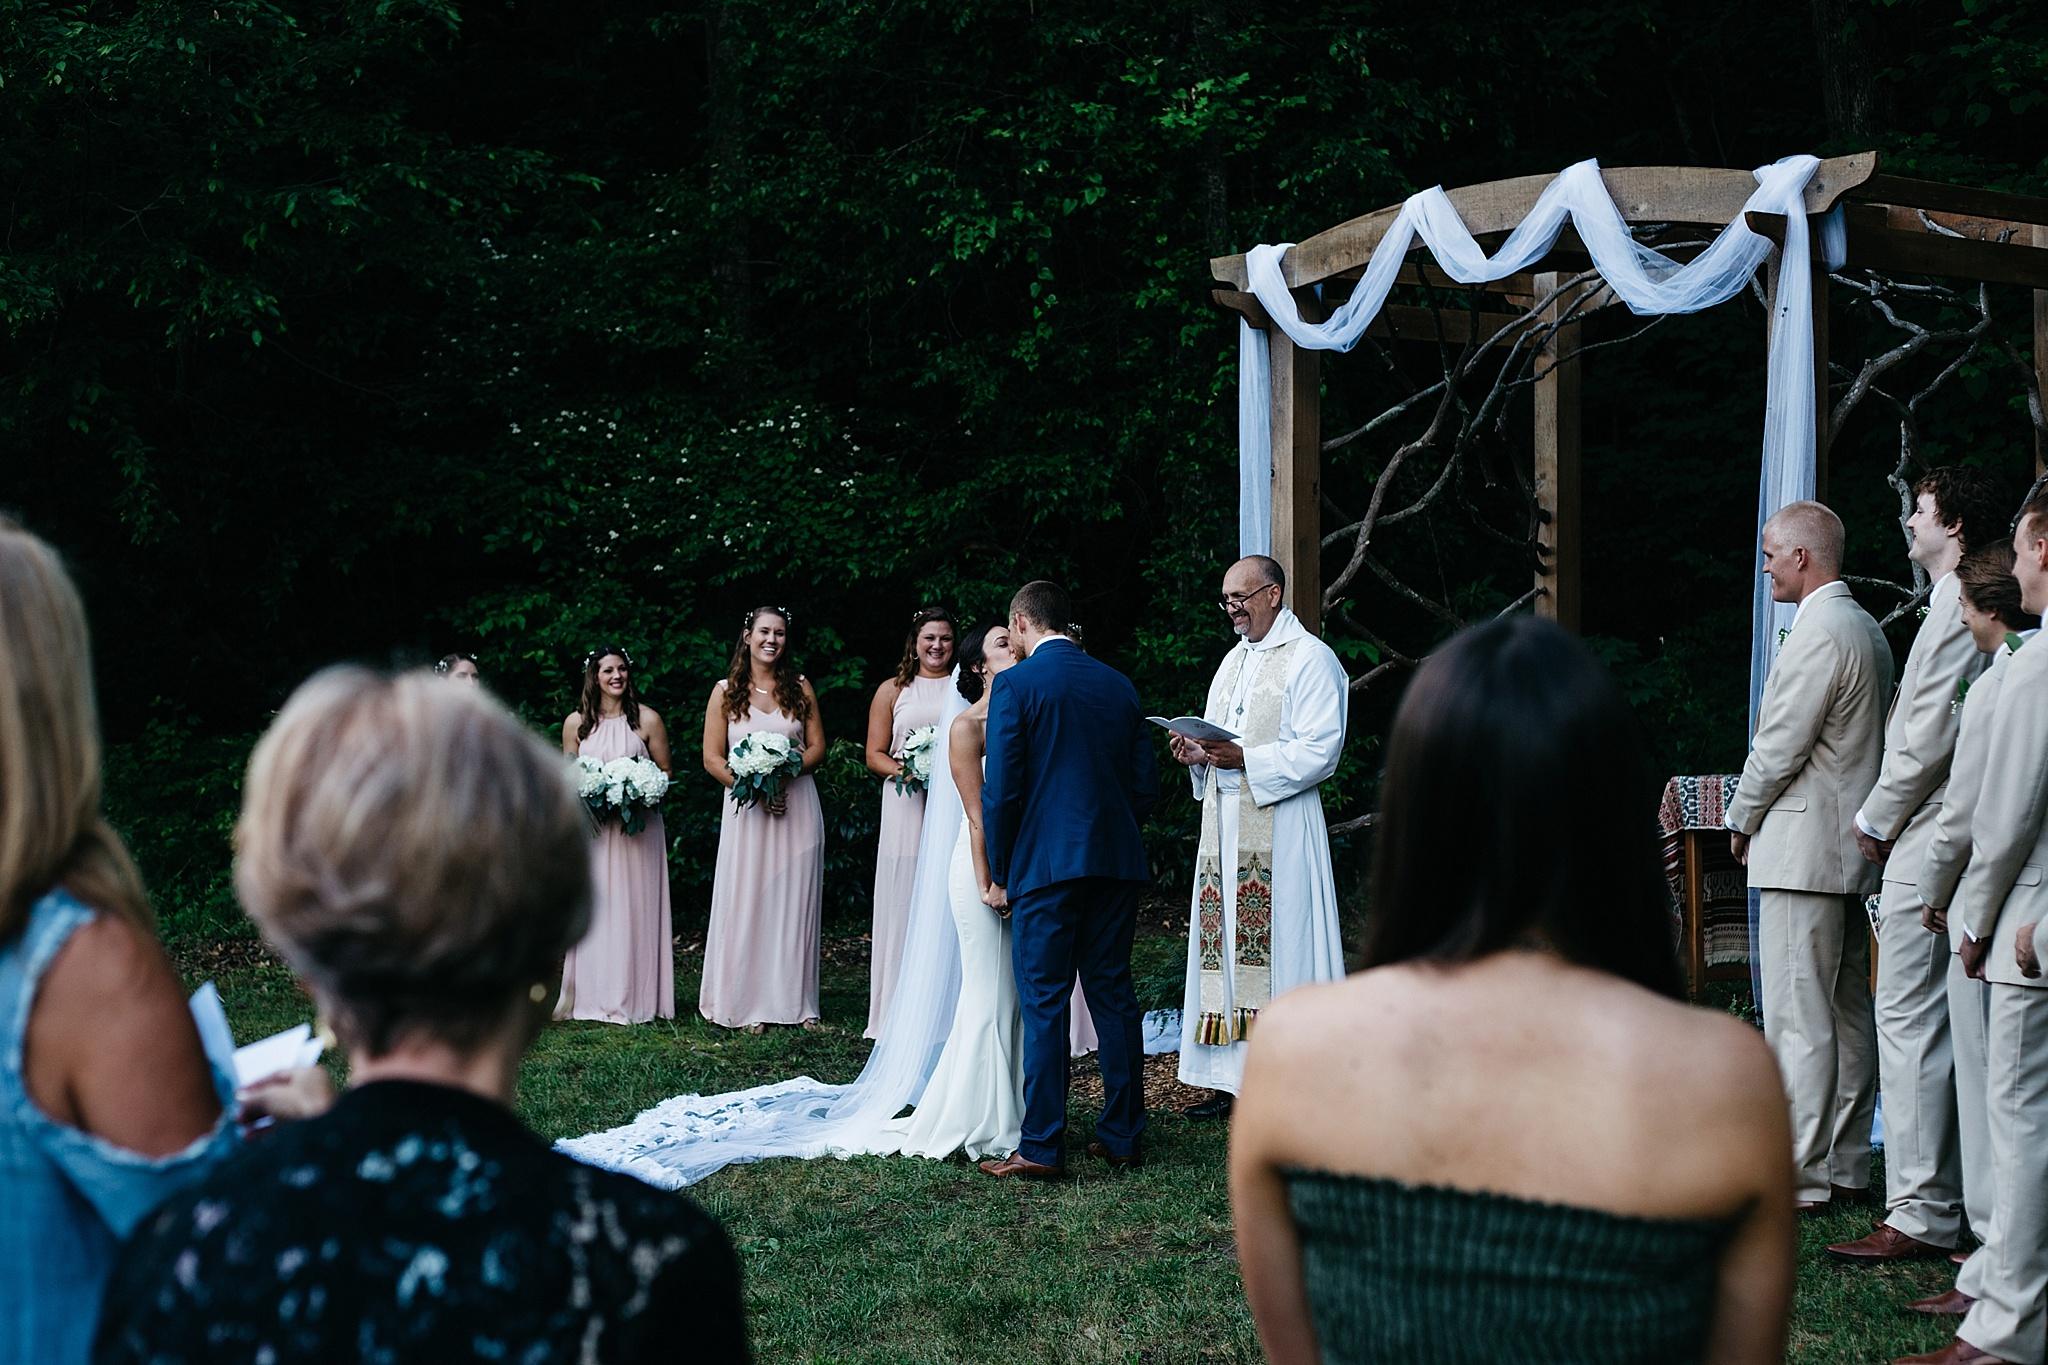 San Francisco Bay Area wedding photographer - California destination wedding photographer